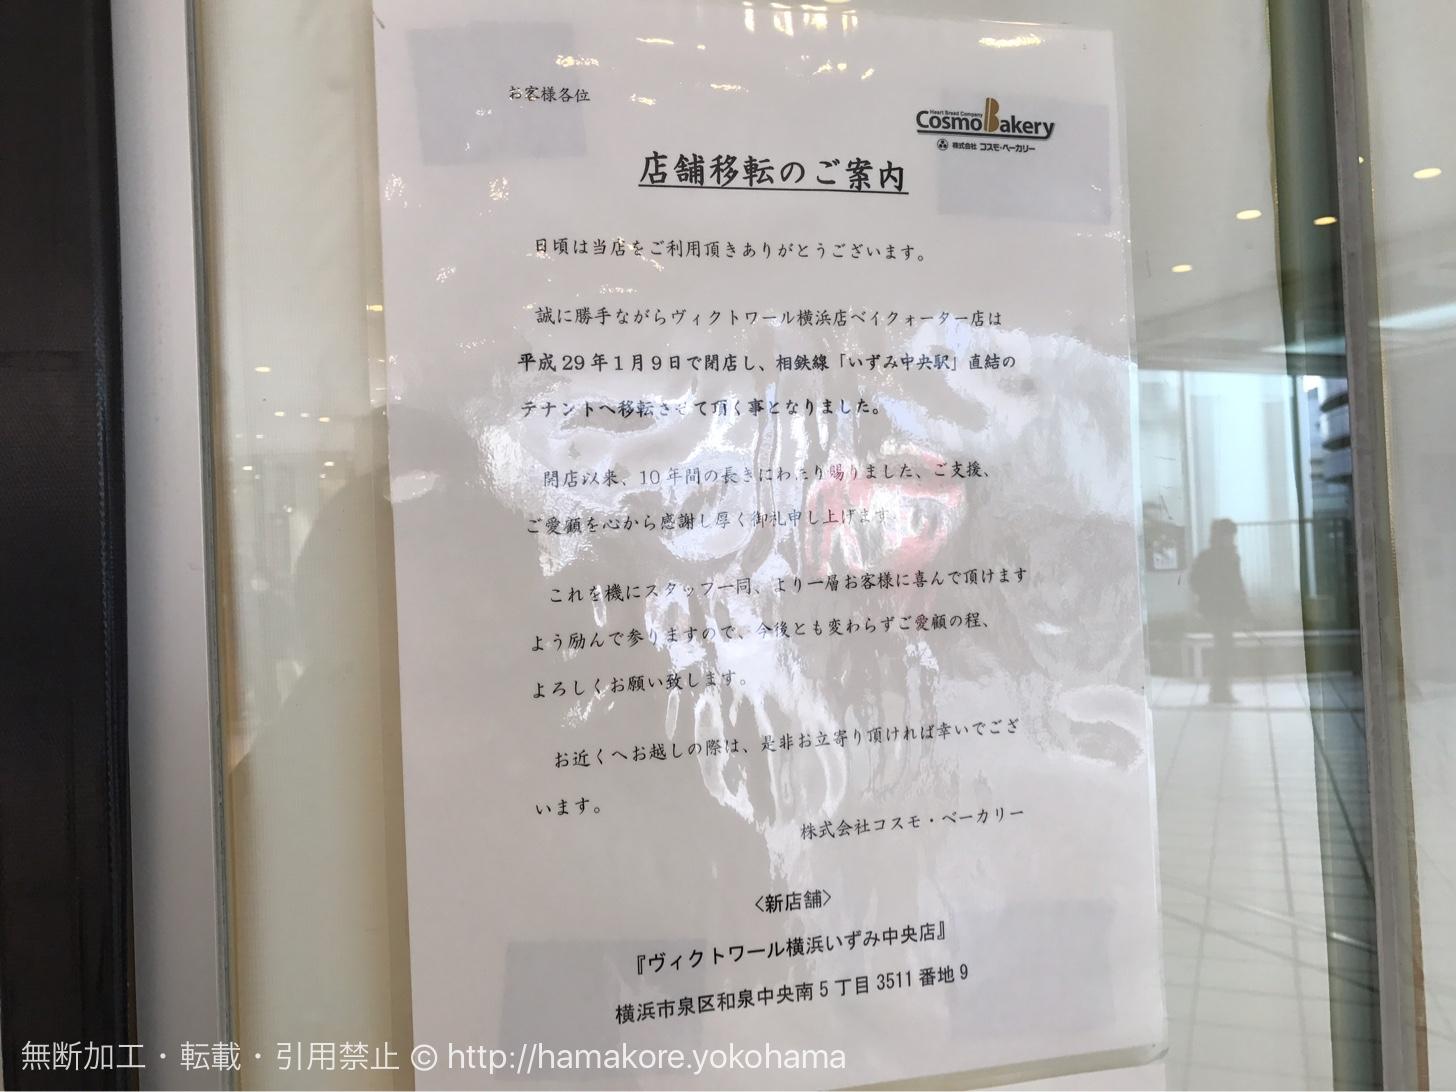 ヴィクトワール 横浜ベイクォーター店が閉店!移転先は相鉄線のいずみ中央駅